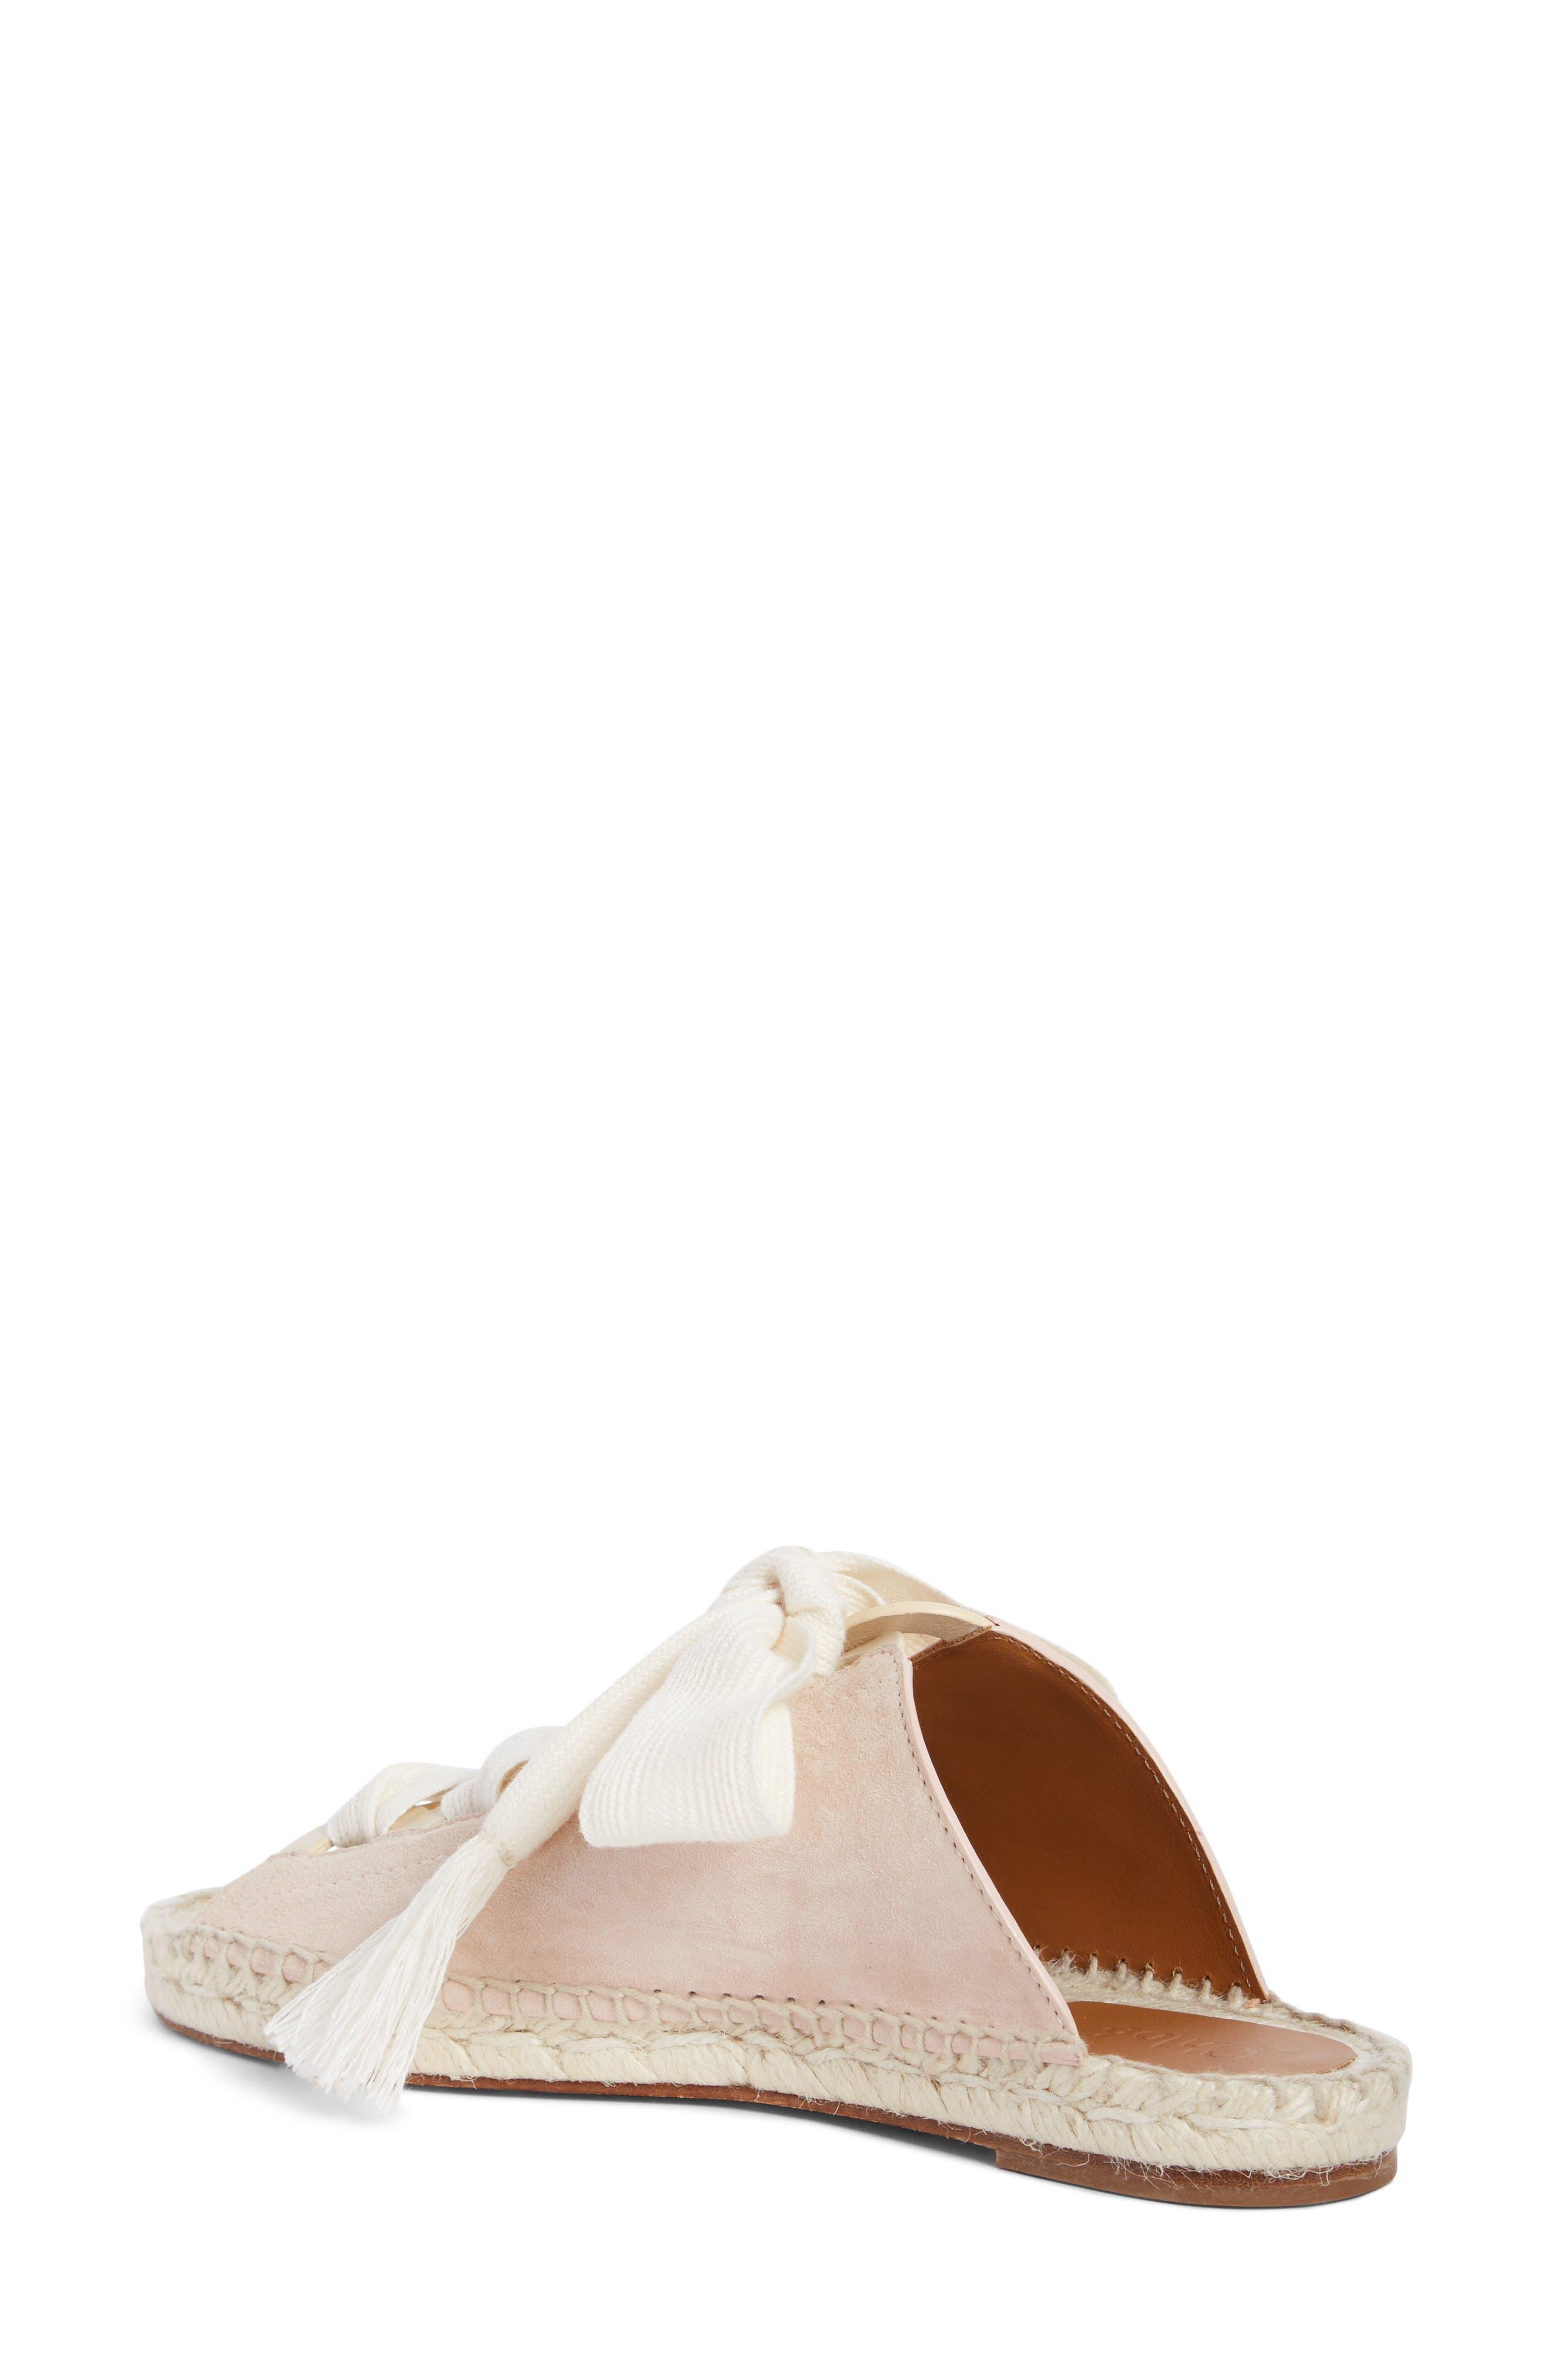 Harper Lace-Up Espadrille Slide Sandal,                             Alternate thumbnail 2, color,                             Maple Pink